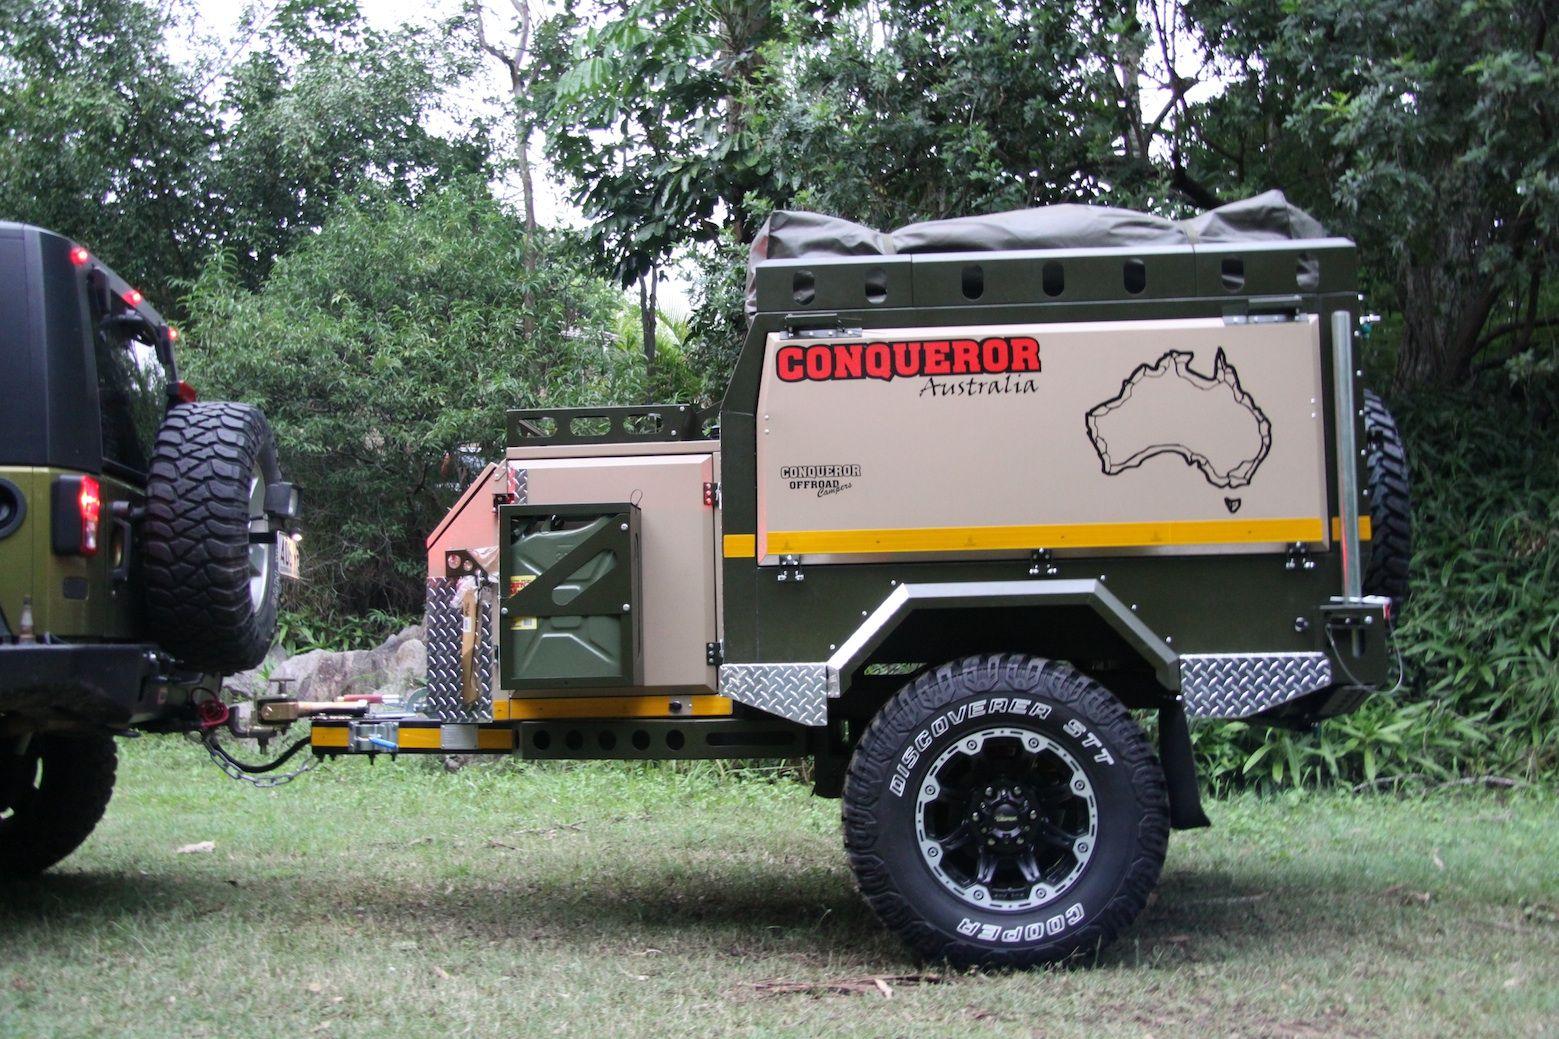 Xt17 t off road caravan mdc camper trailers off road caravans pinterest